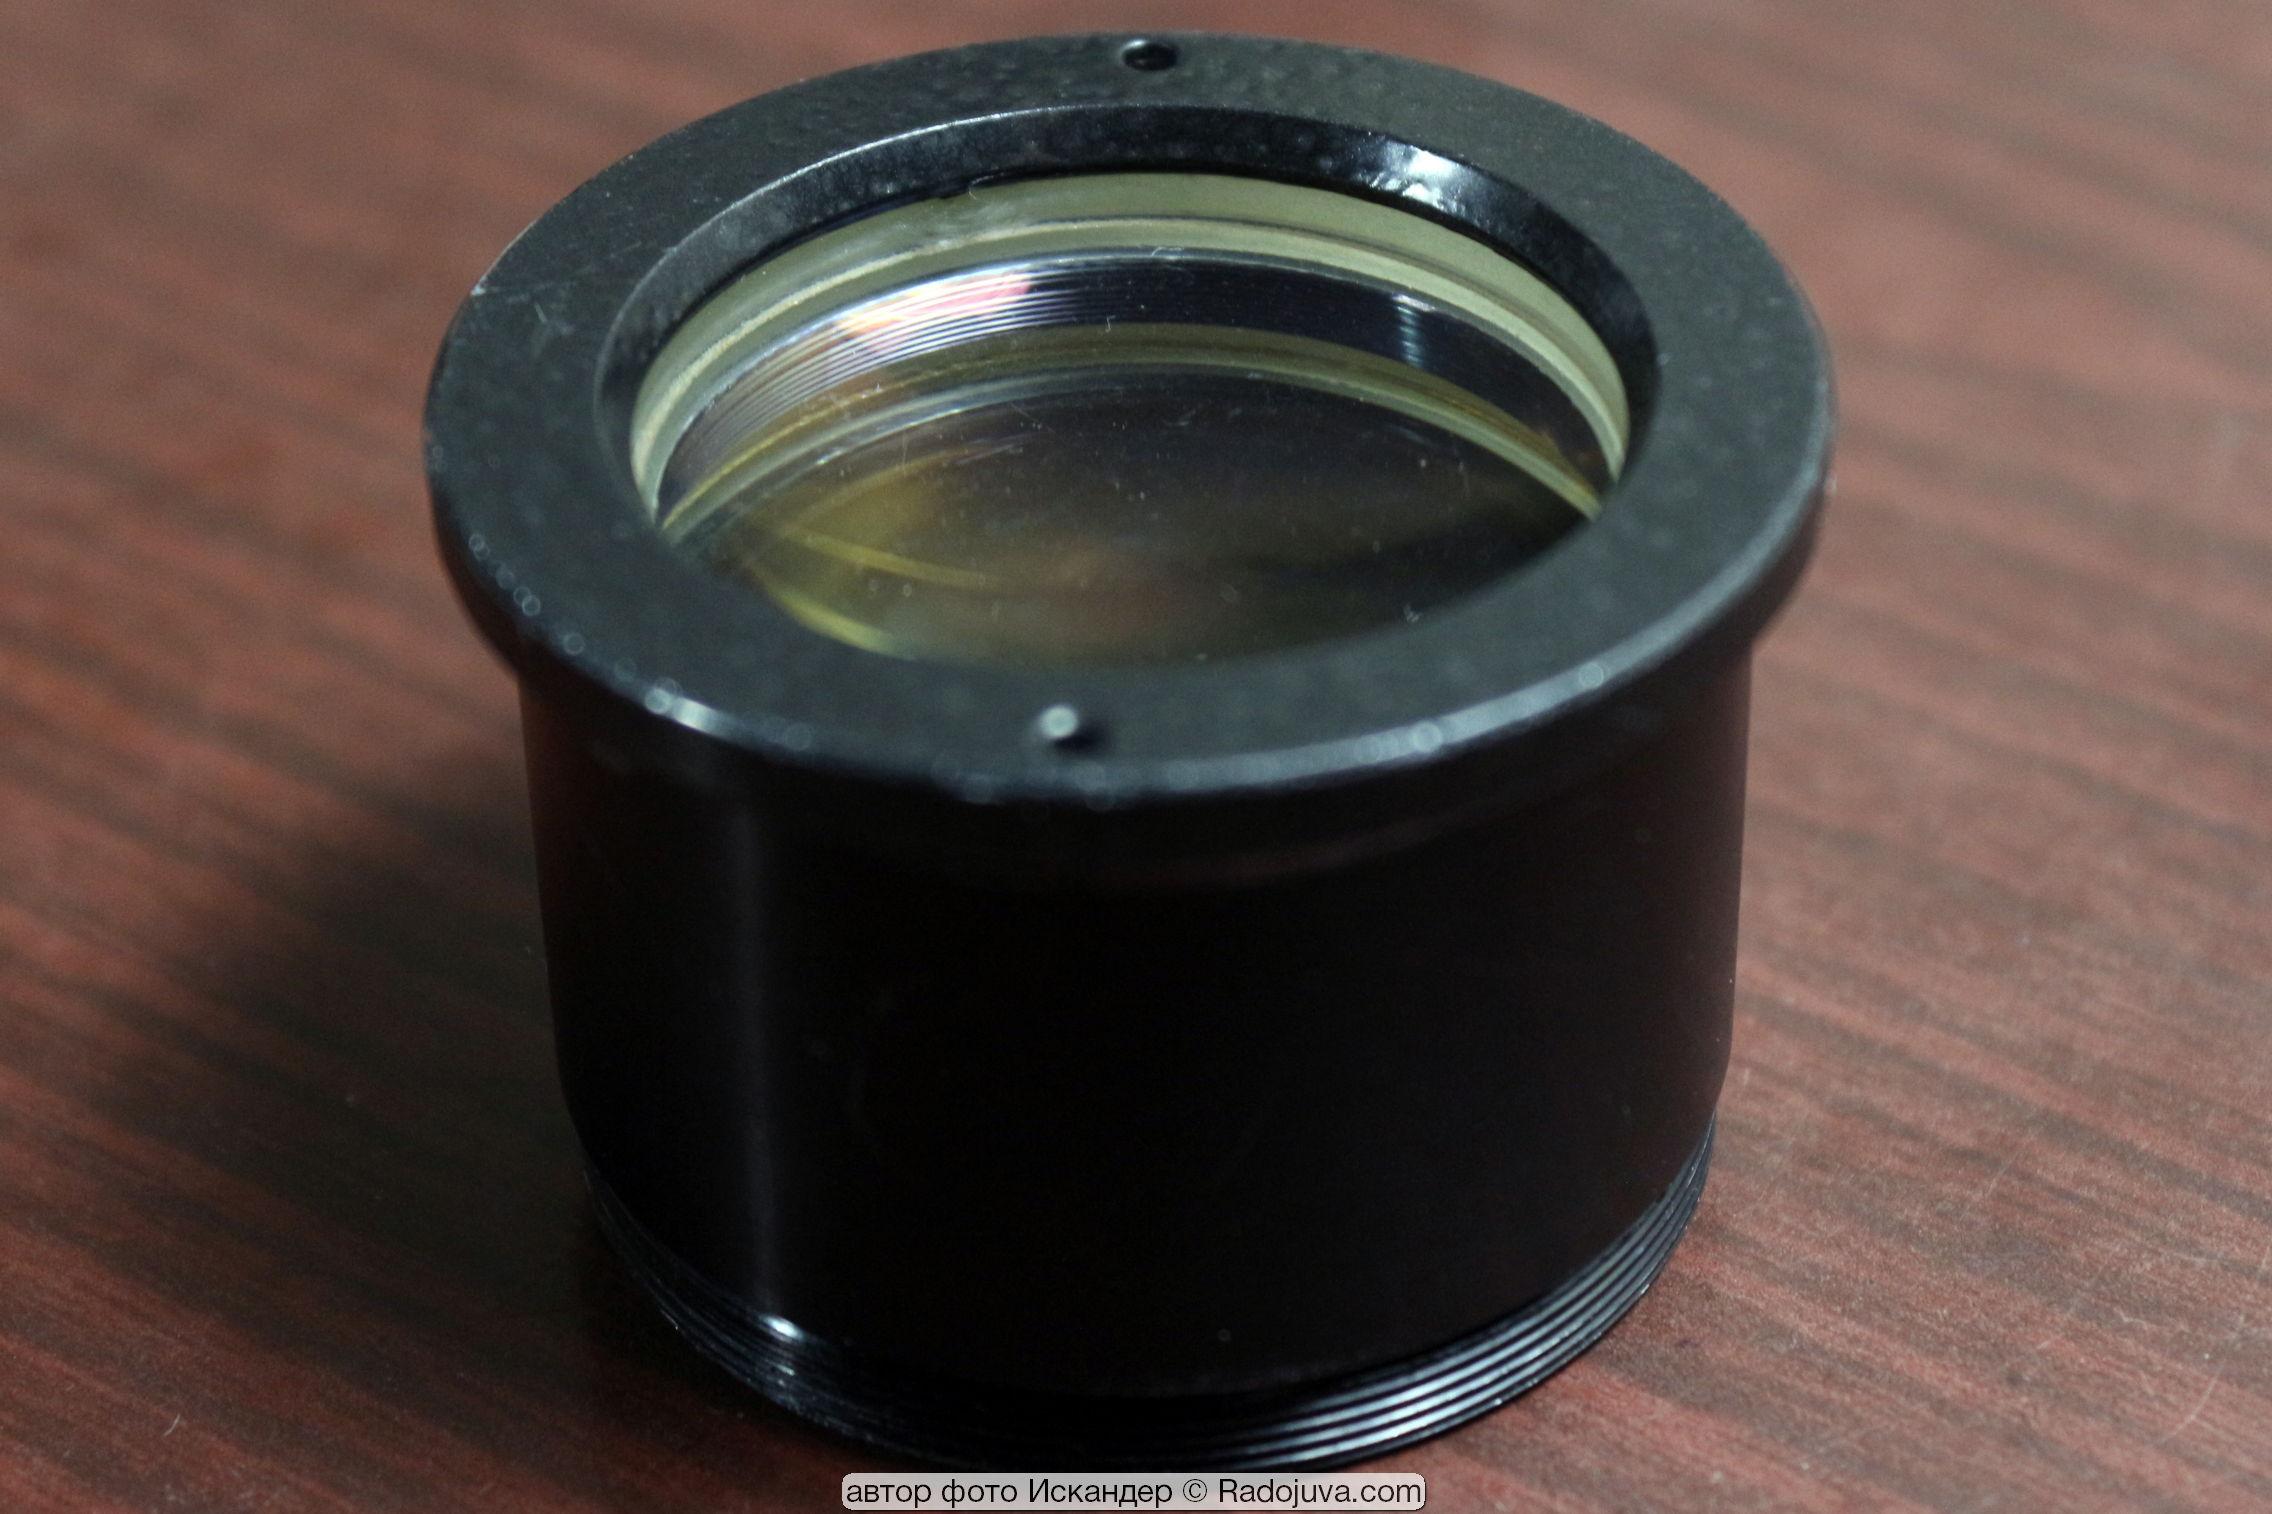 Объектив от микроскопа МБС-2